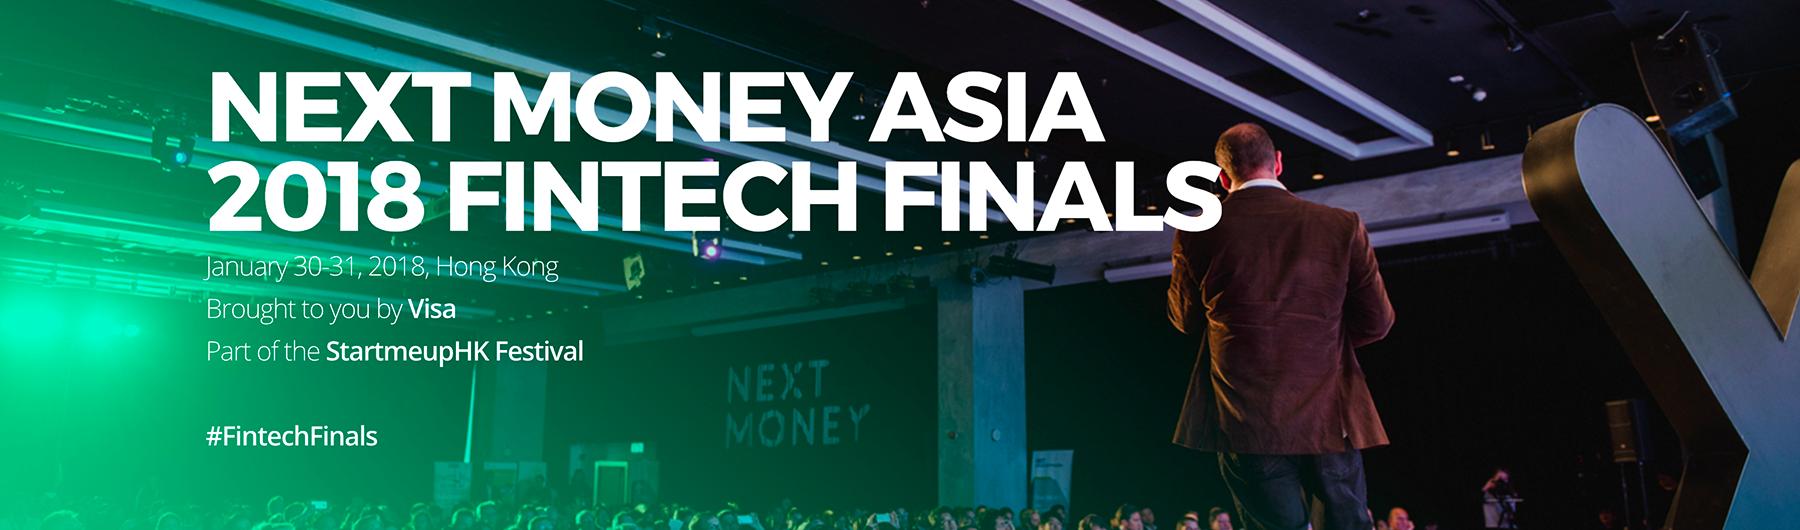 Next Money Asia 2018 Fintech Finals